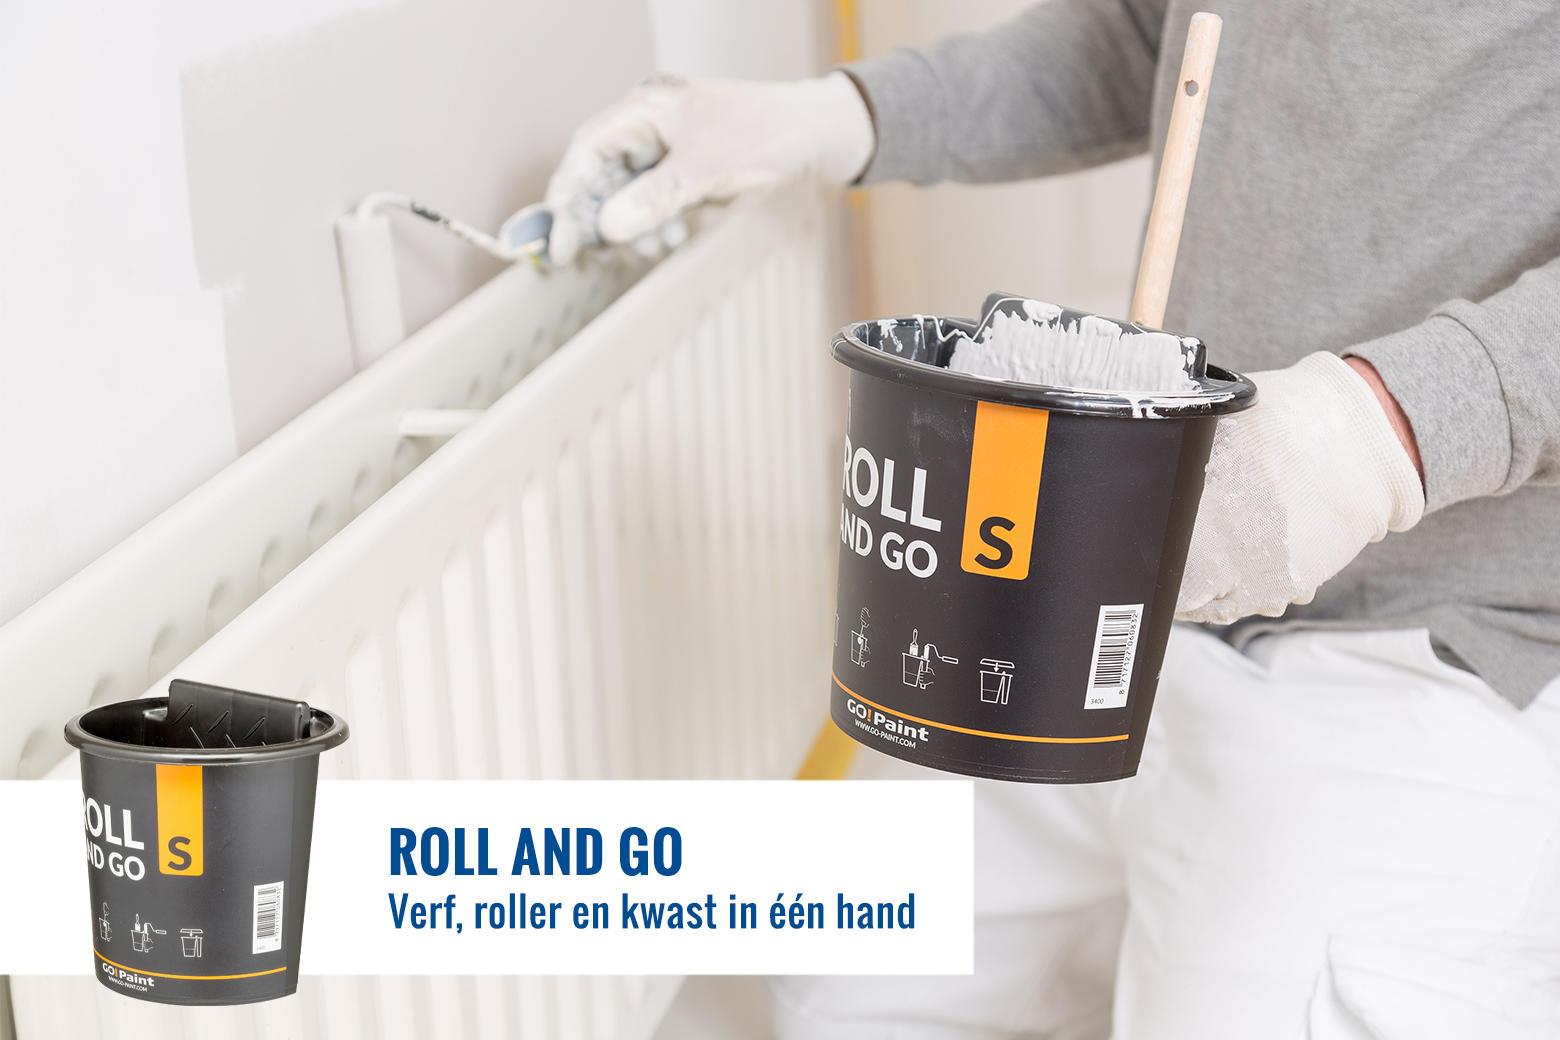 Schilderen met kwast en roller uit één handig rolbakje, de Roll and Go is een zeer geliefde tool voor beweeglijke schilderklussen.